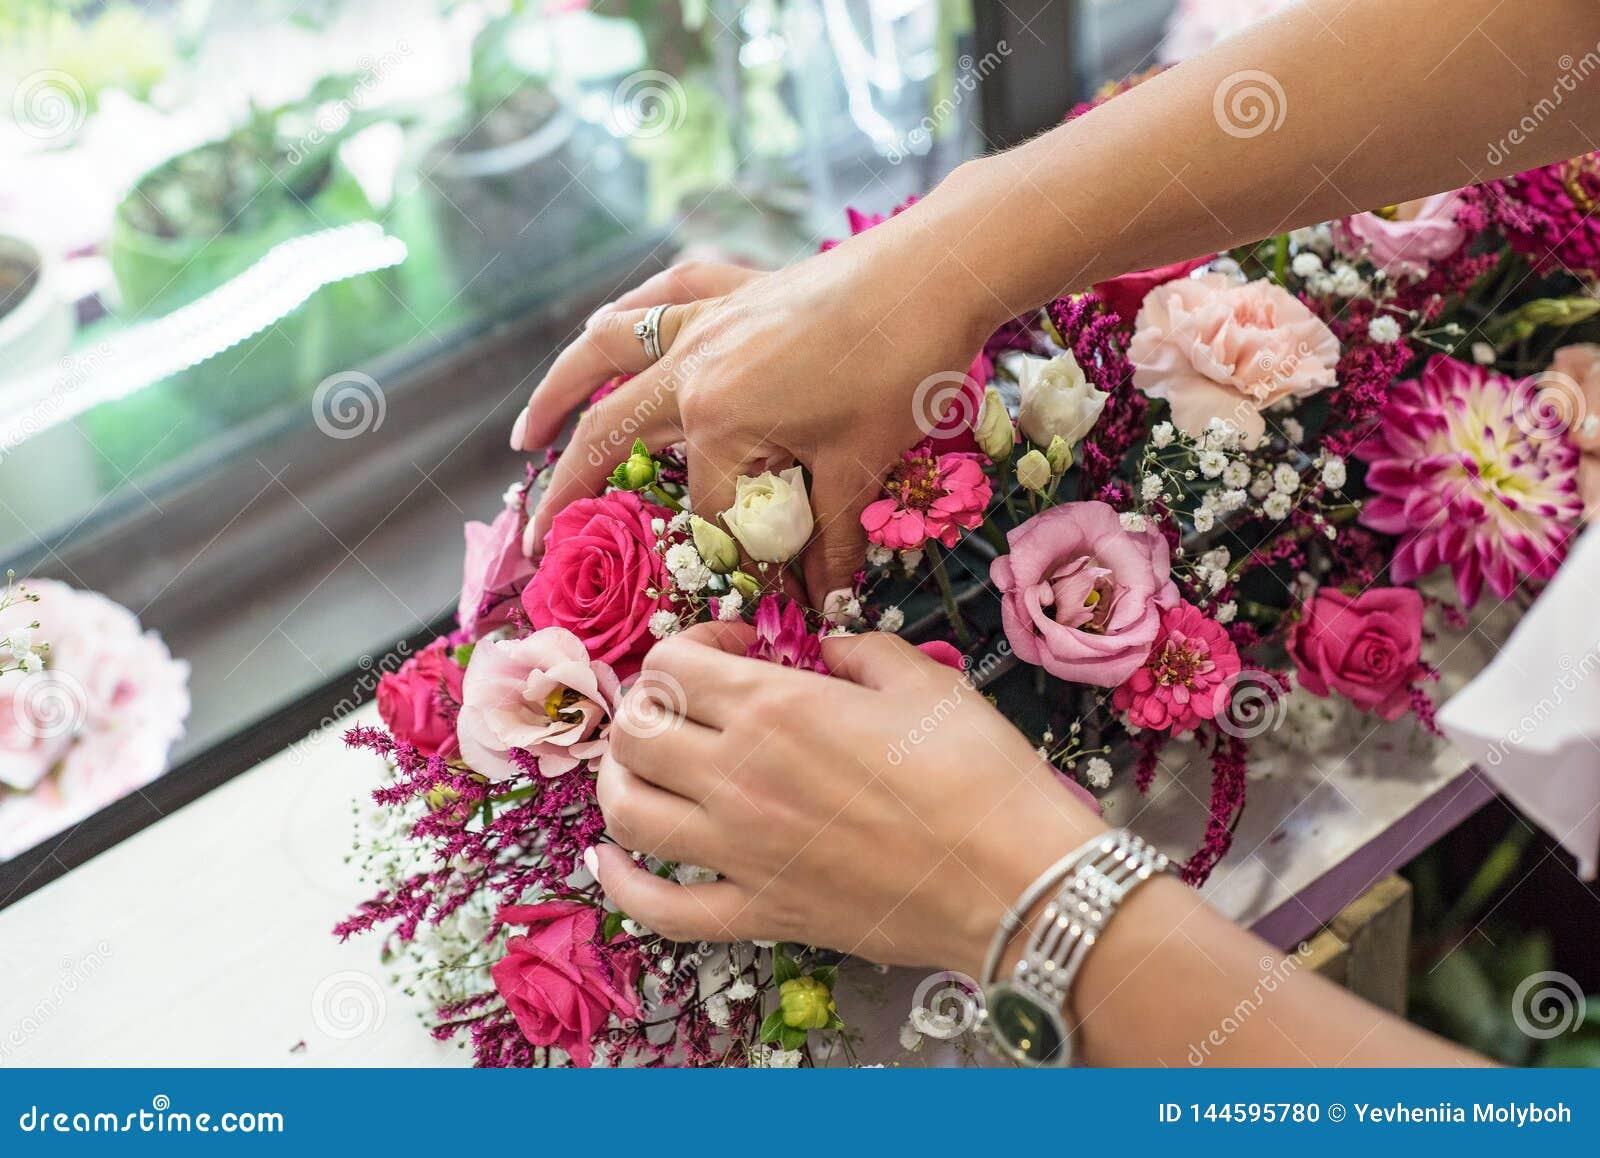 做美丽的花束的女性卖花人在花店